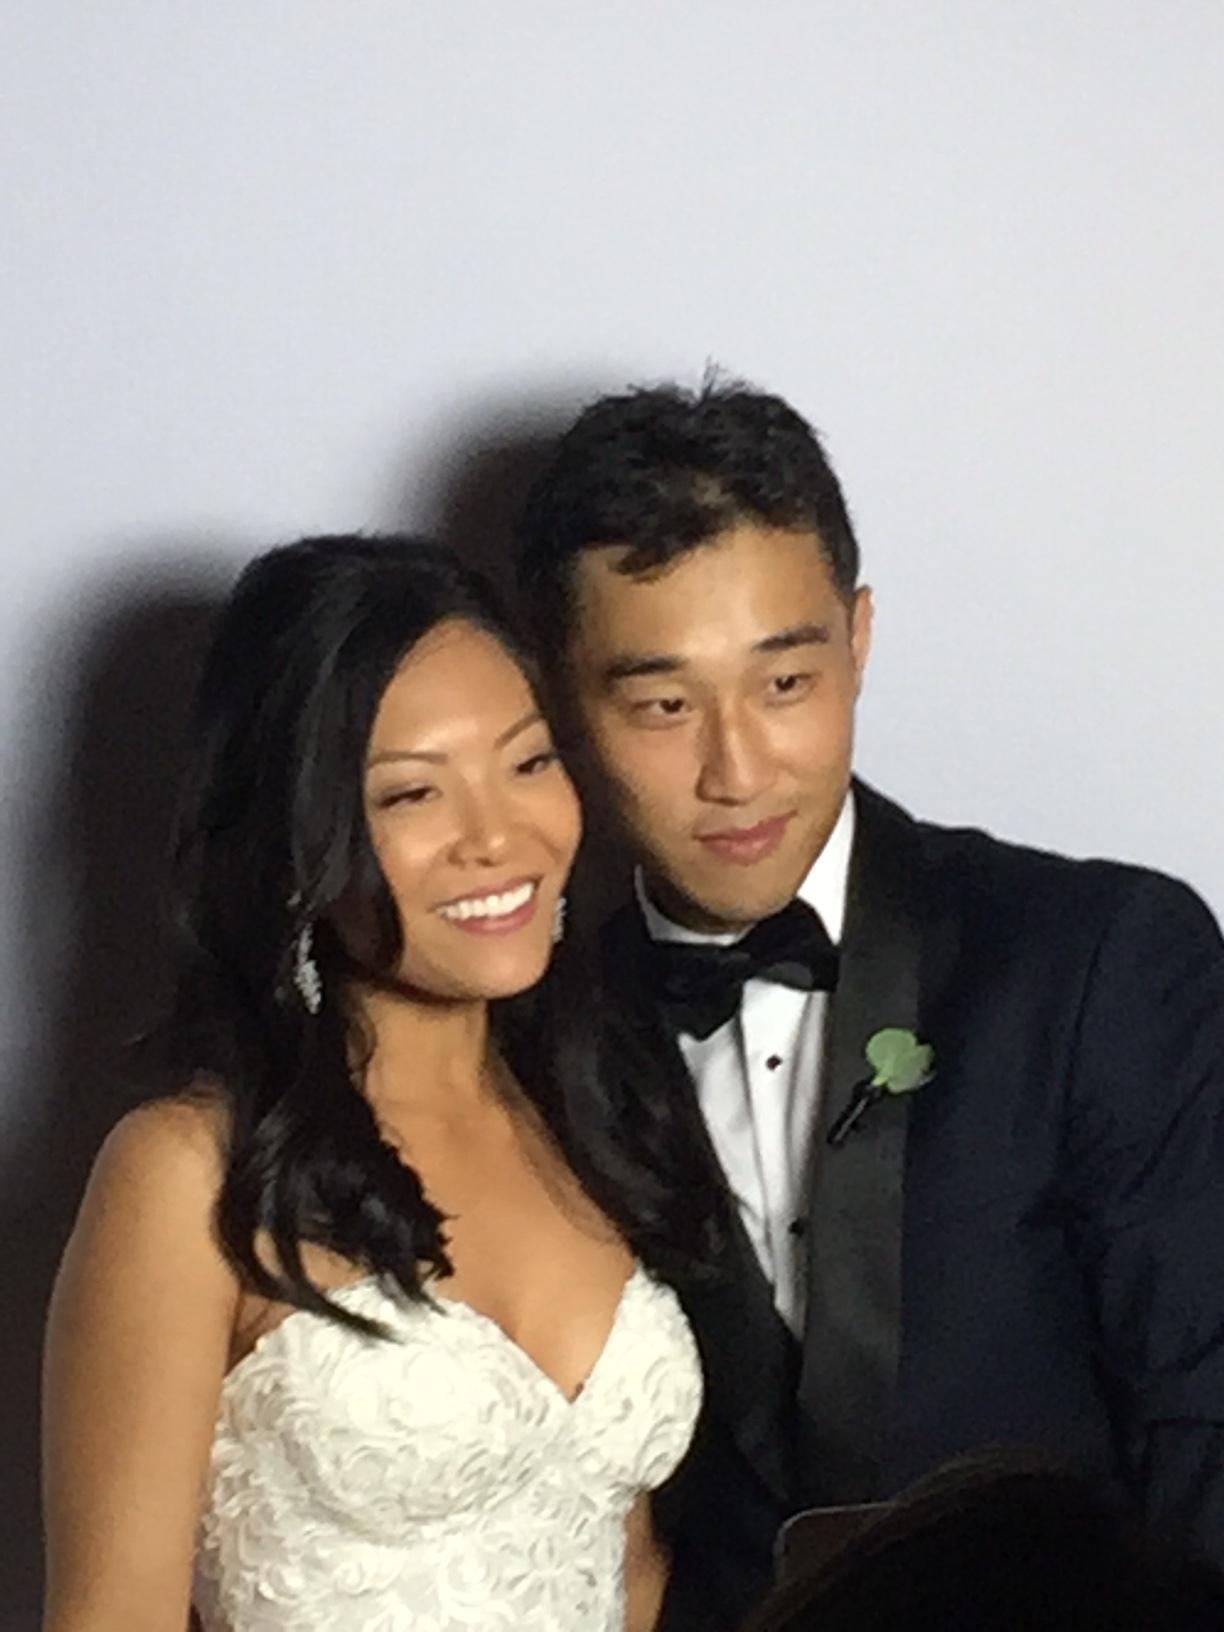 Happy couple #2.